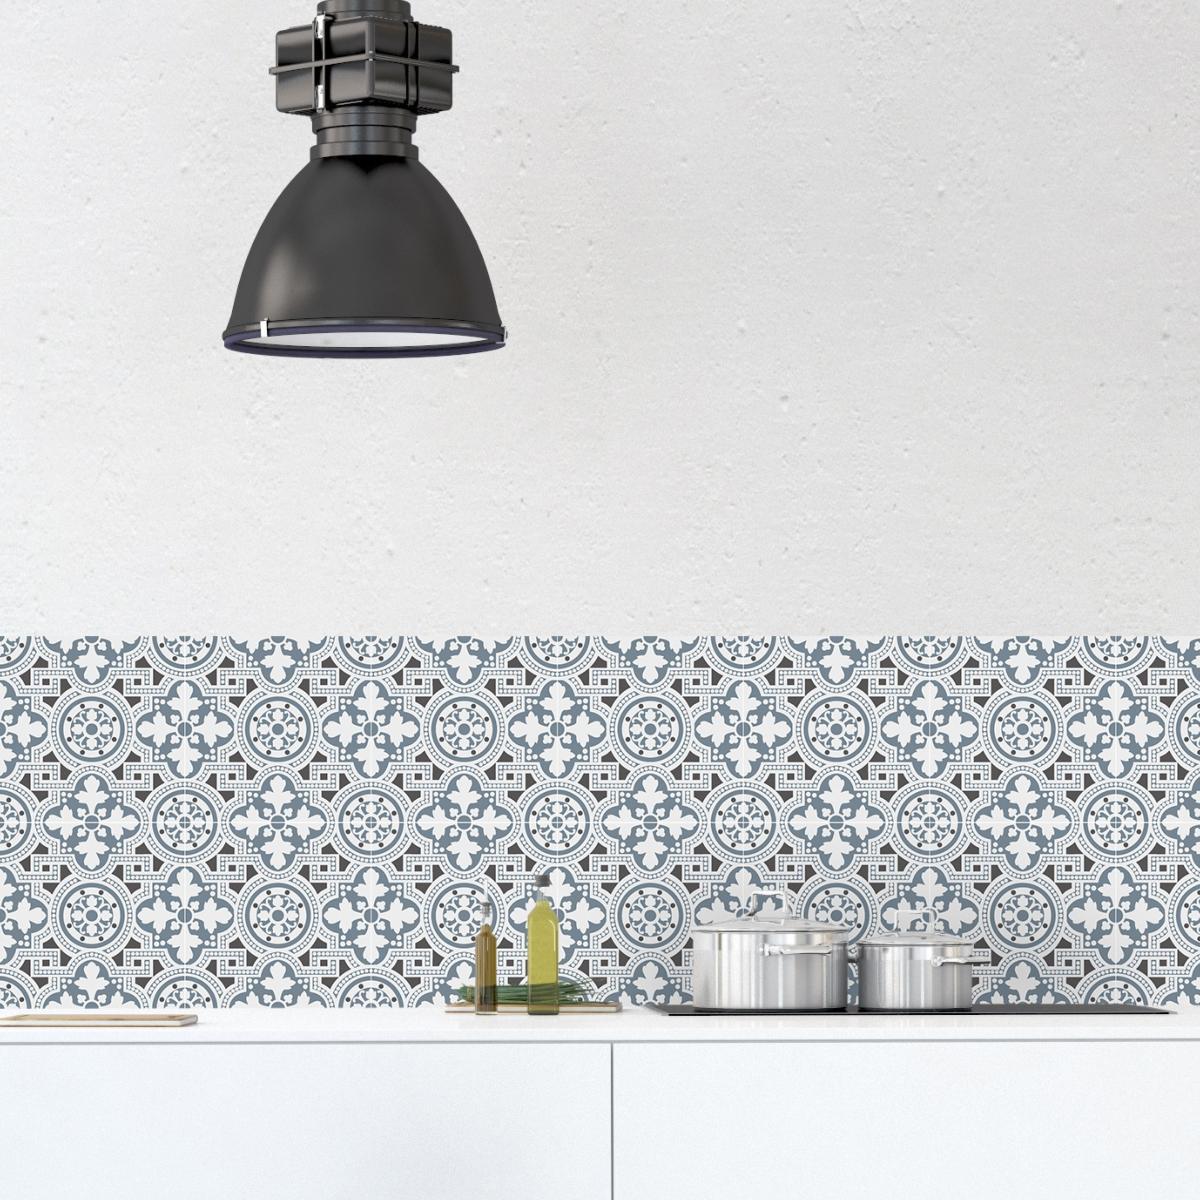 cr dence adh sive carreaux de ciment bertille bleu. Black Bedroom Furniture Sets. Home Design Ideas